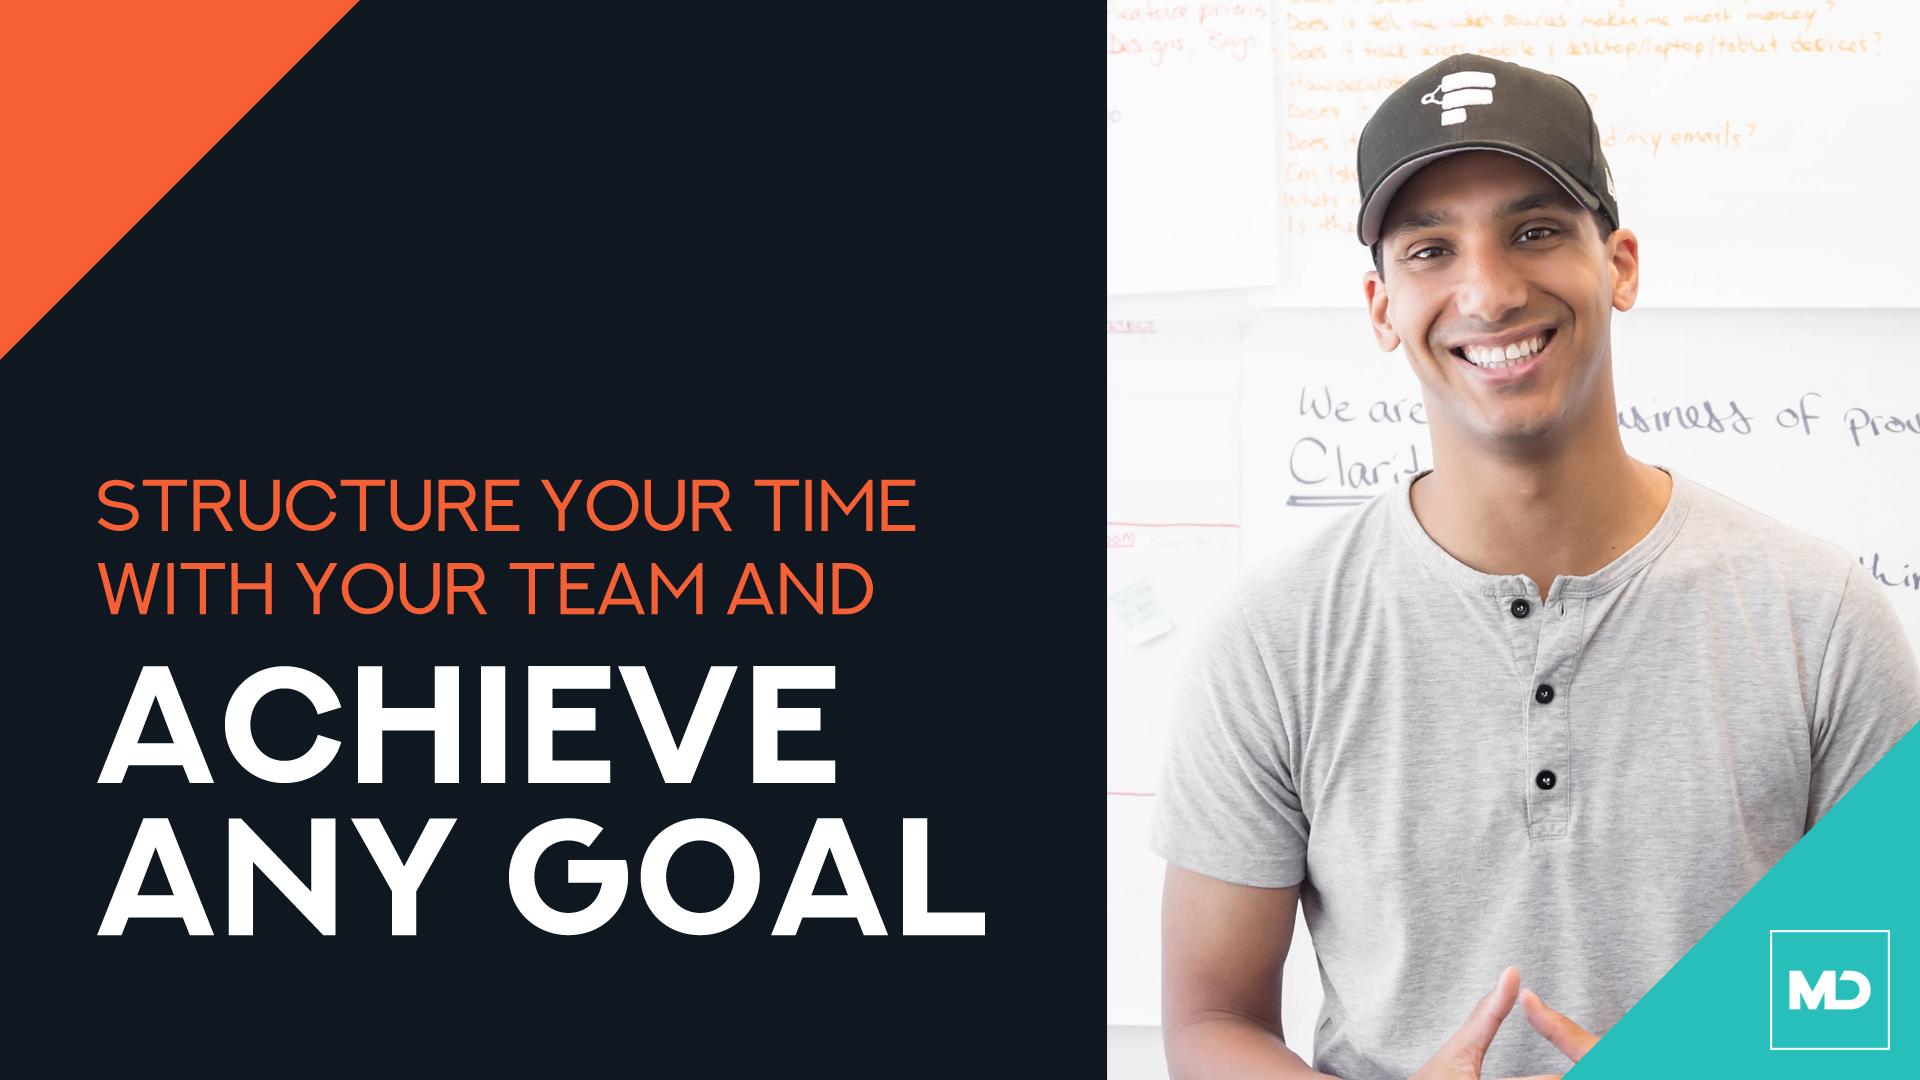 achieve any goal (tips for entrepreneurs)